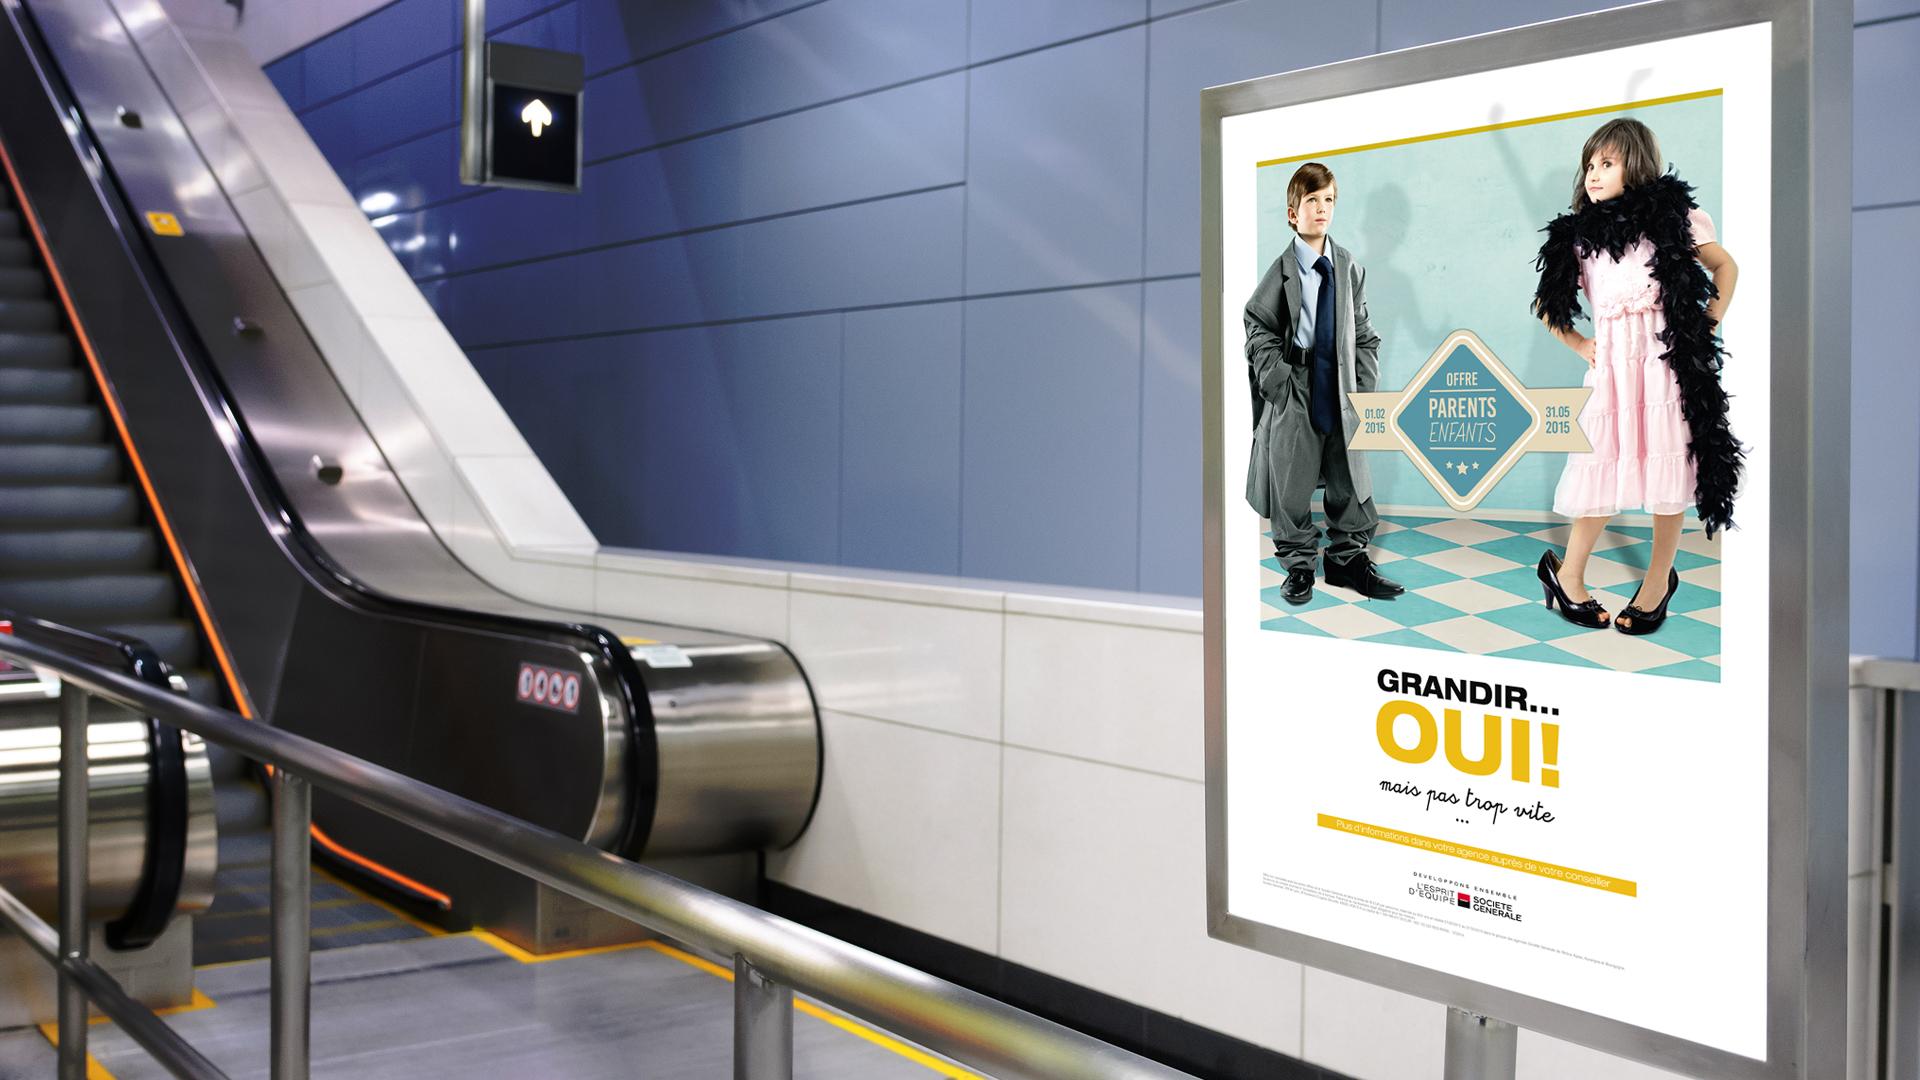 Campagne d'affichage de la banque avec des enfants habillés en adultes dans le métro devant un escalator